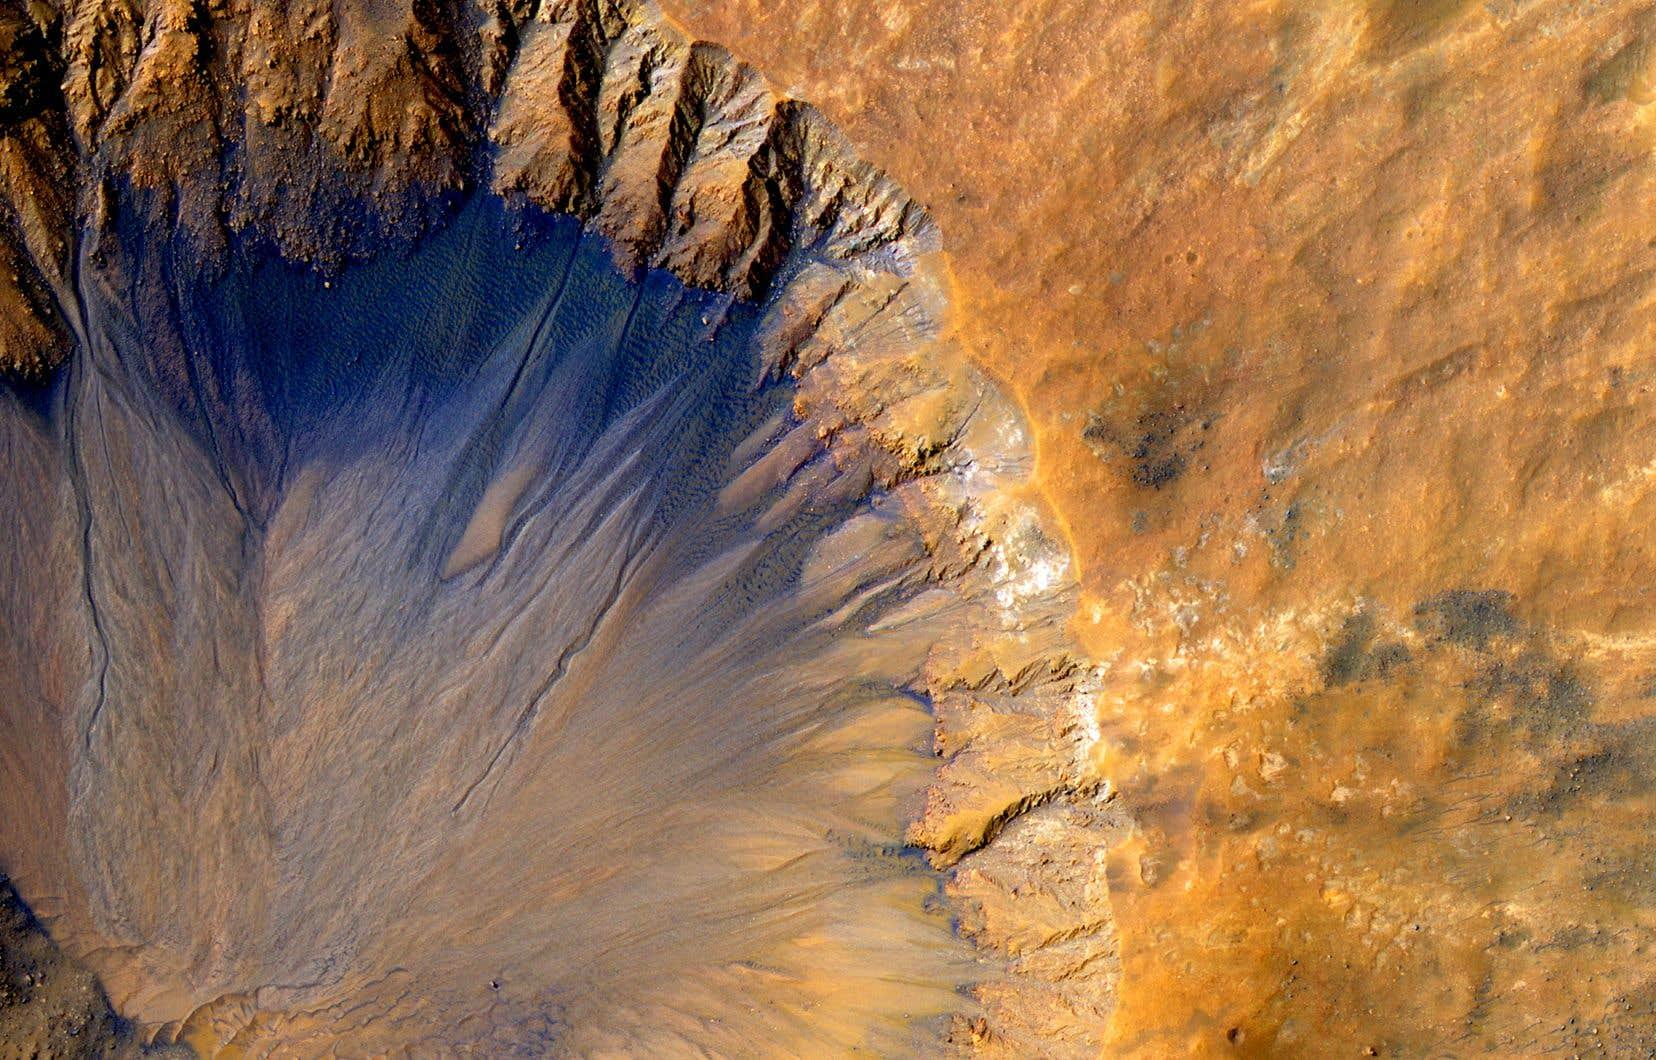 Image satellite d'un cratère prise en 2015 dans la région Sirenum Fossae de la planète Mars